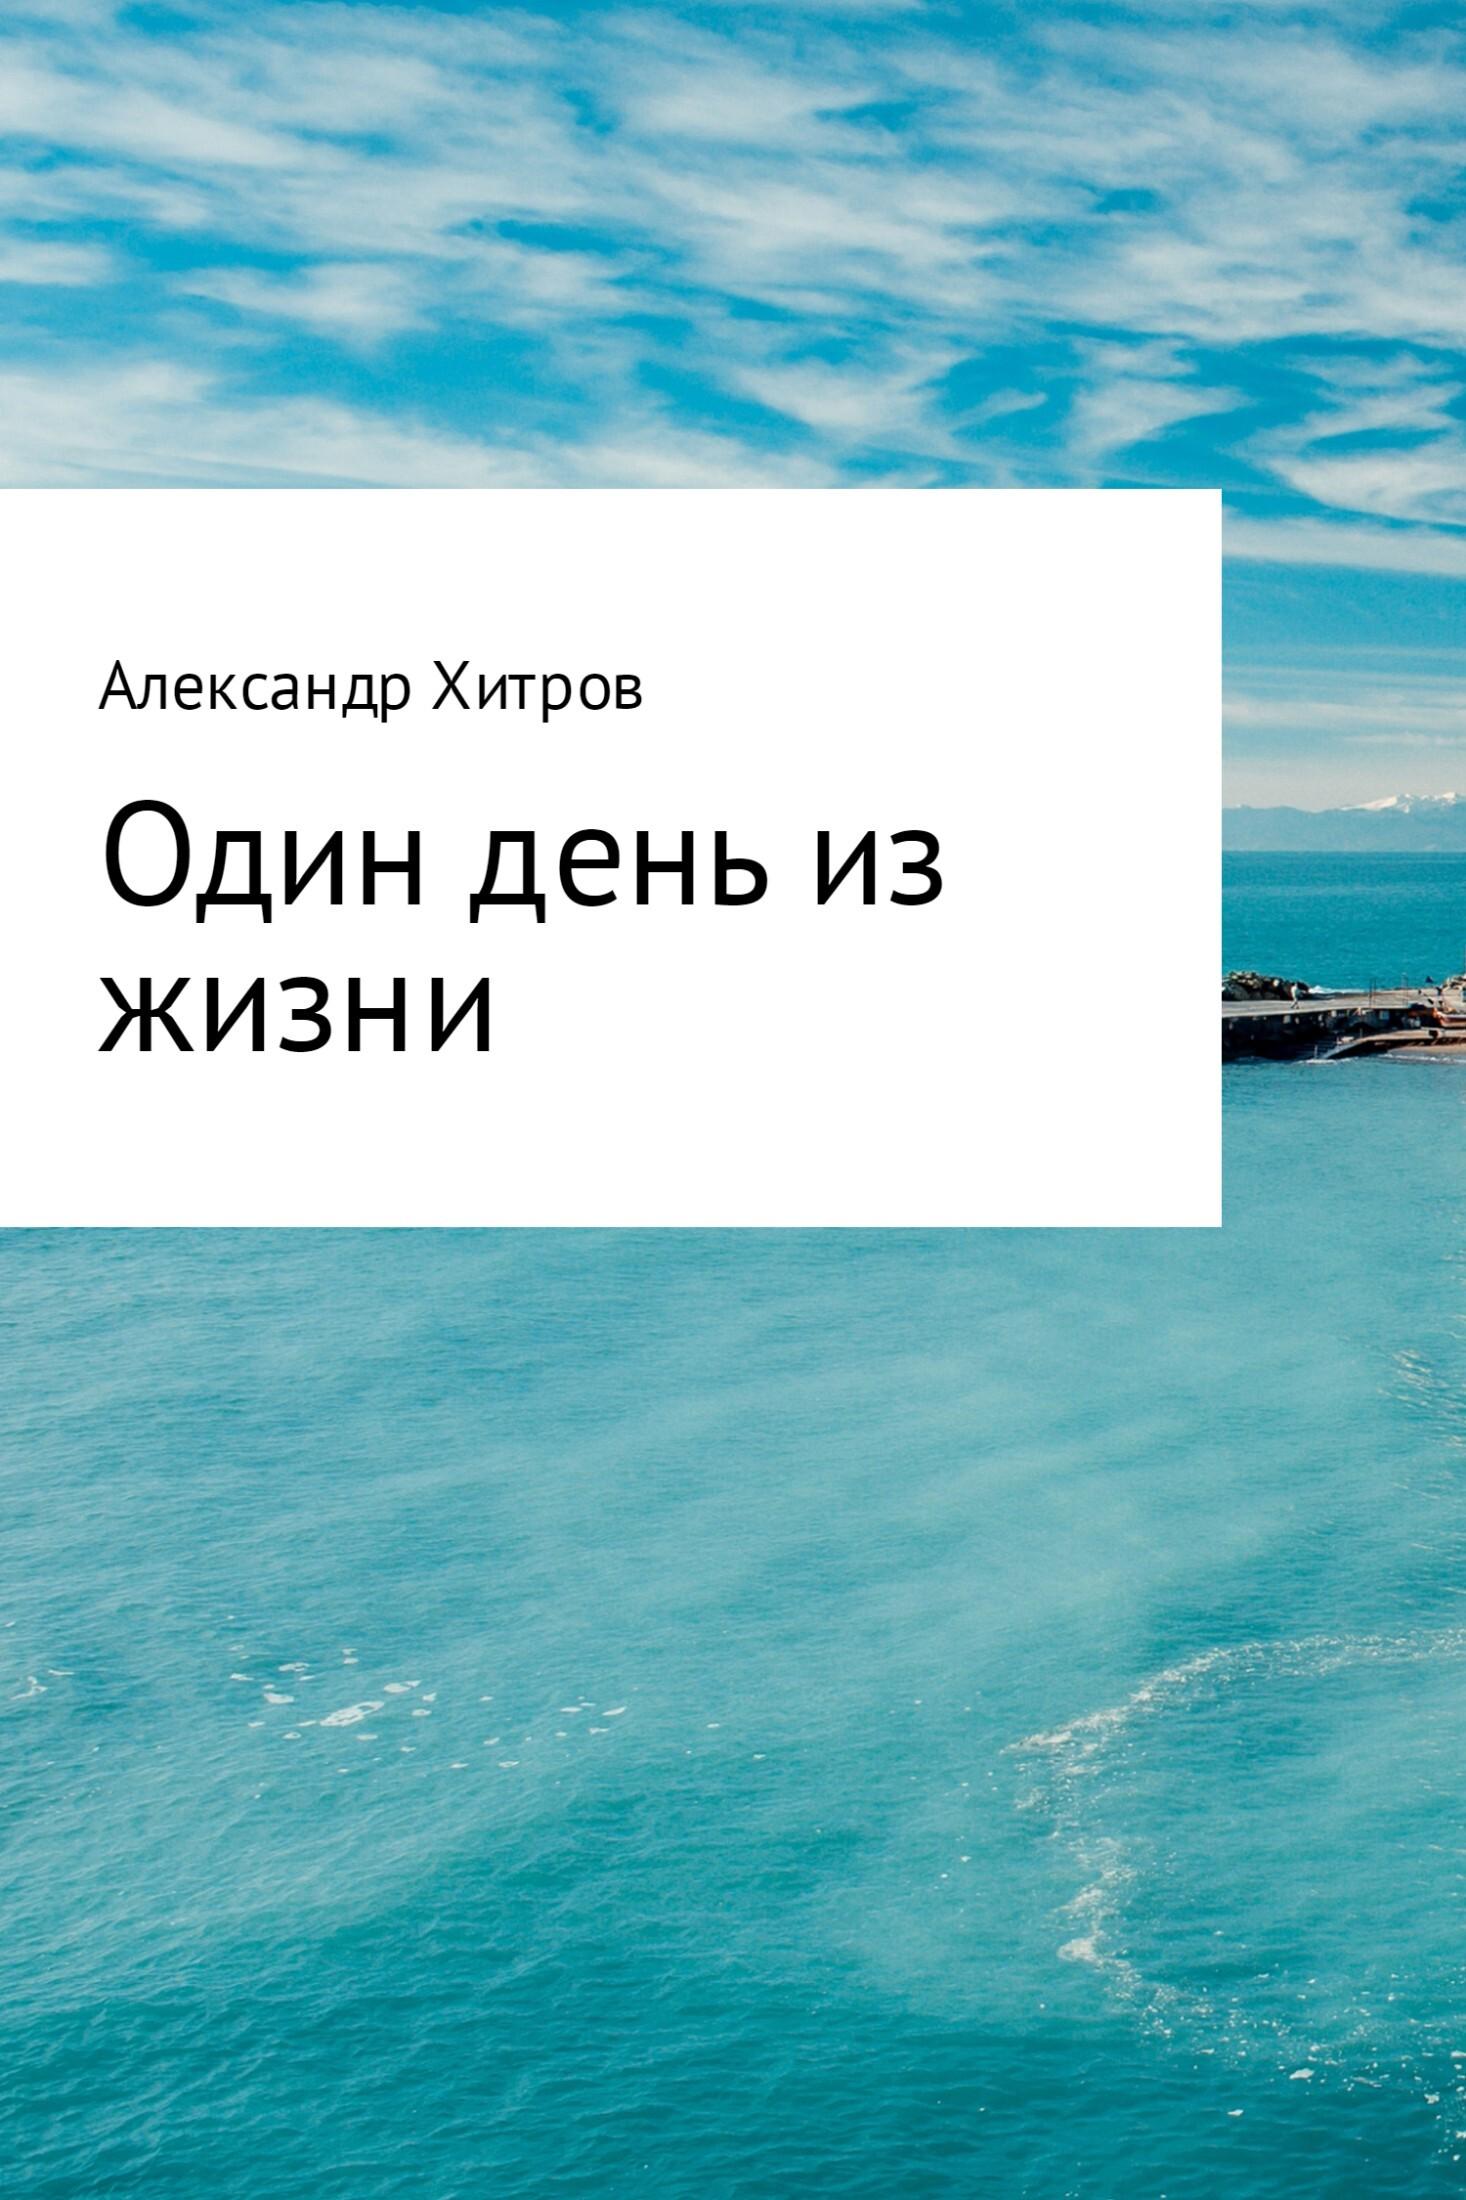 Александр Борисович Хитров Один день из жизни абсолютное исцеление целебная энергия которая есть внутри каждого из нас